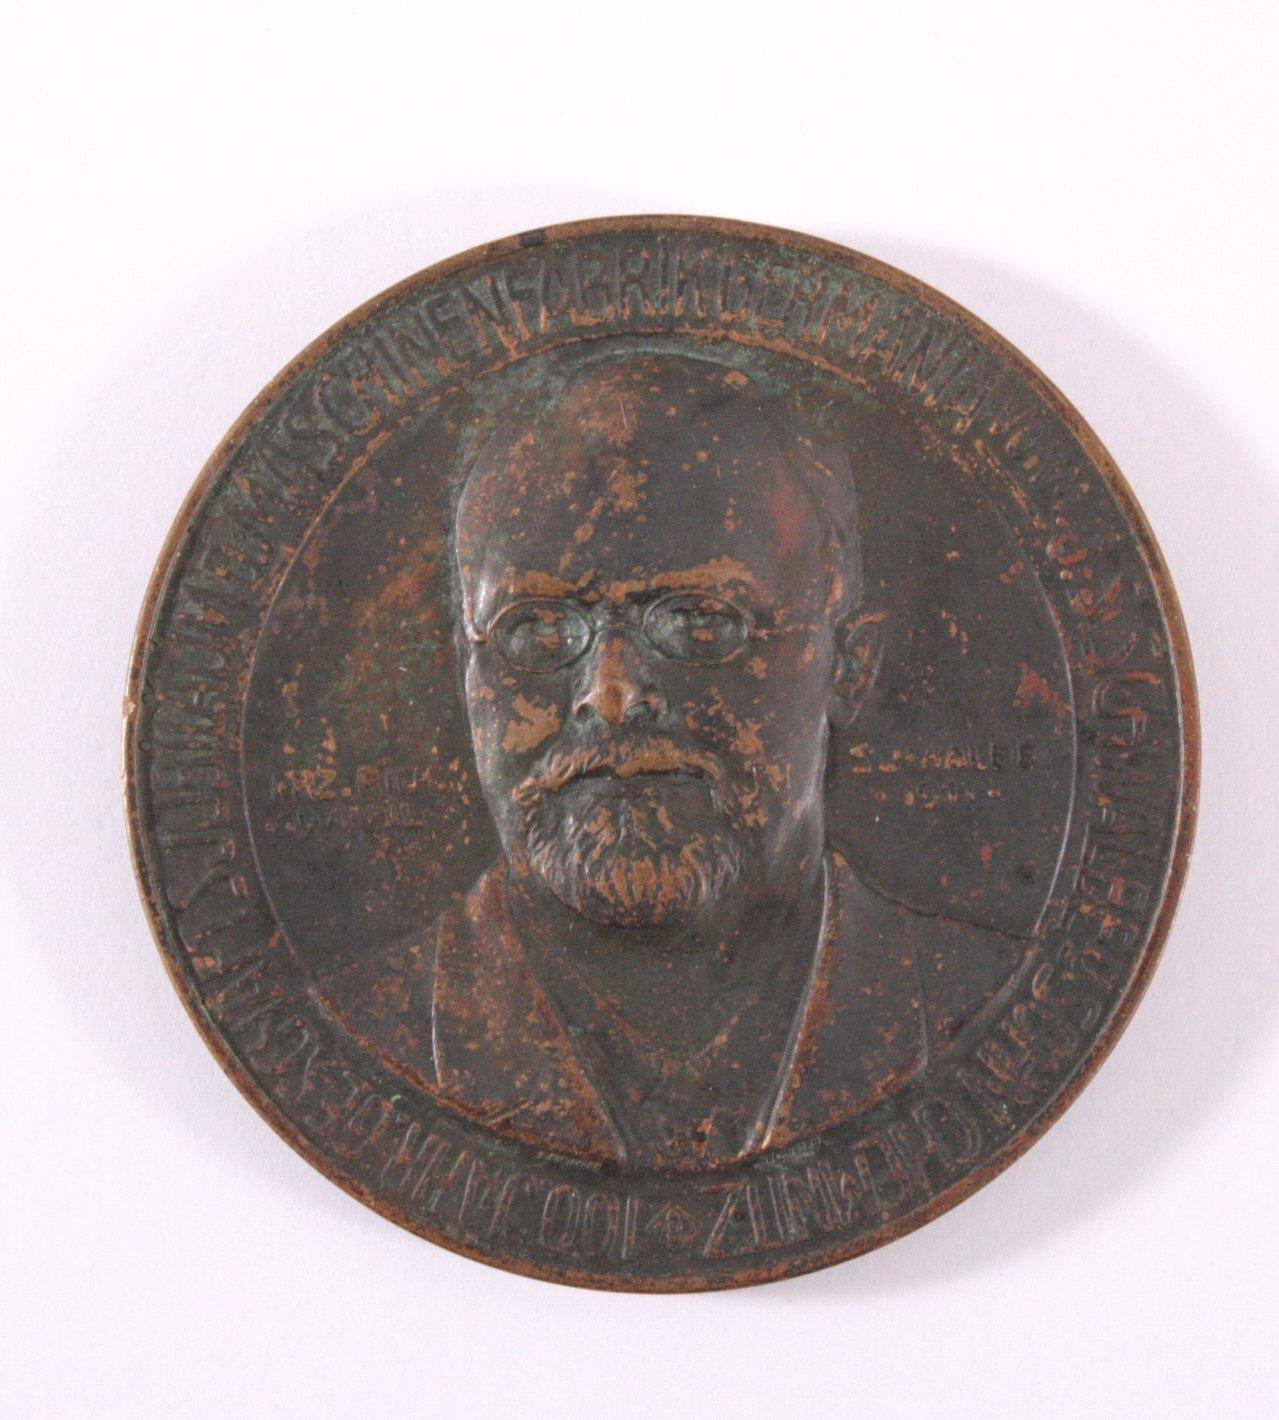 Medaille Maschinenfabrik Schwalbe, Chemnitz 1911